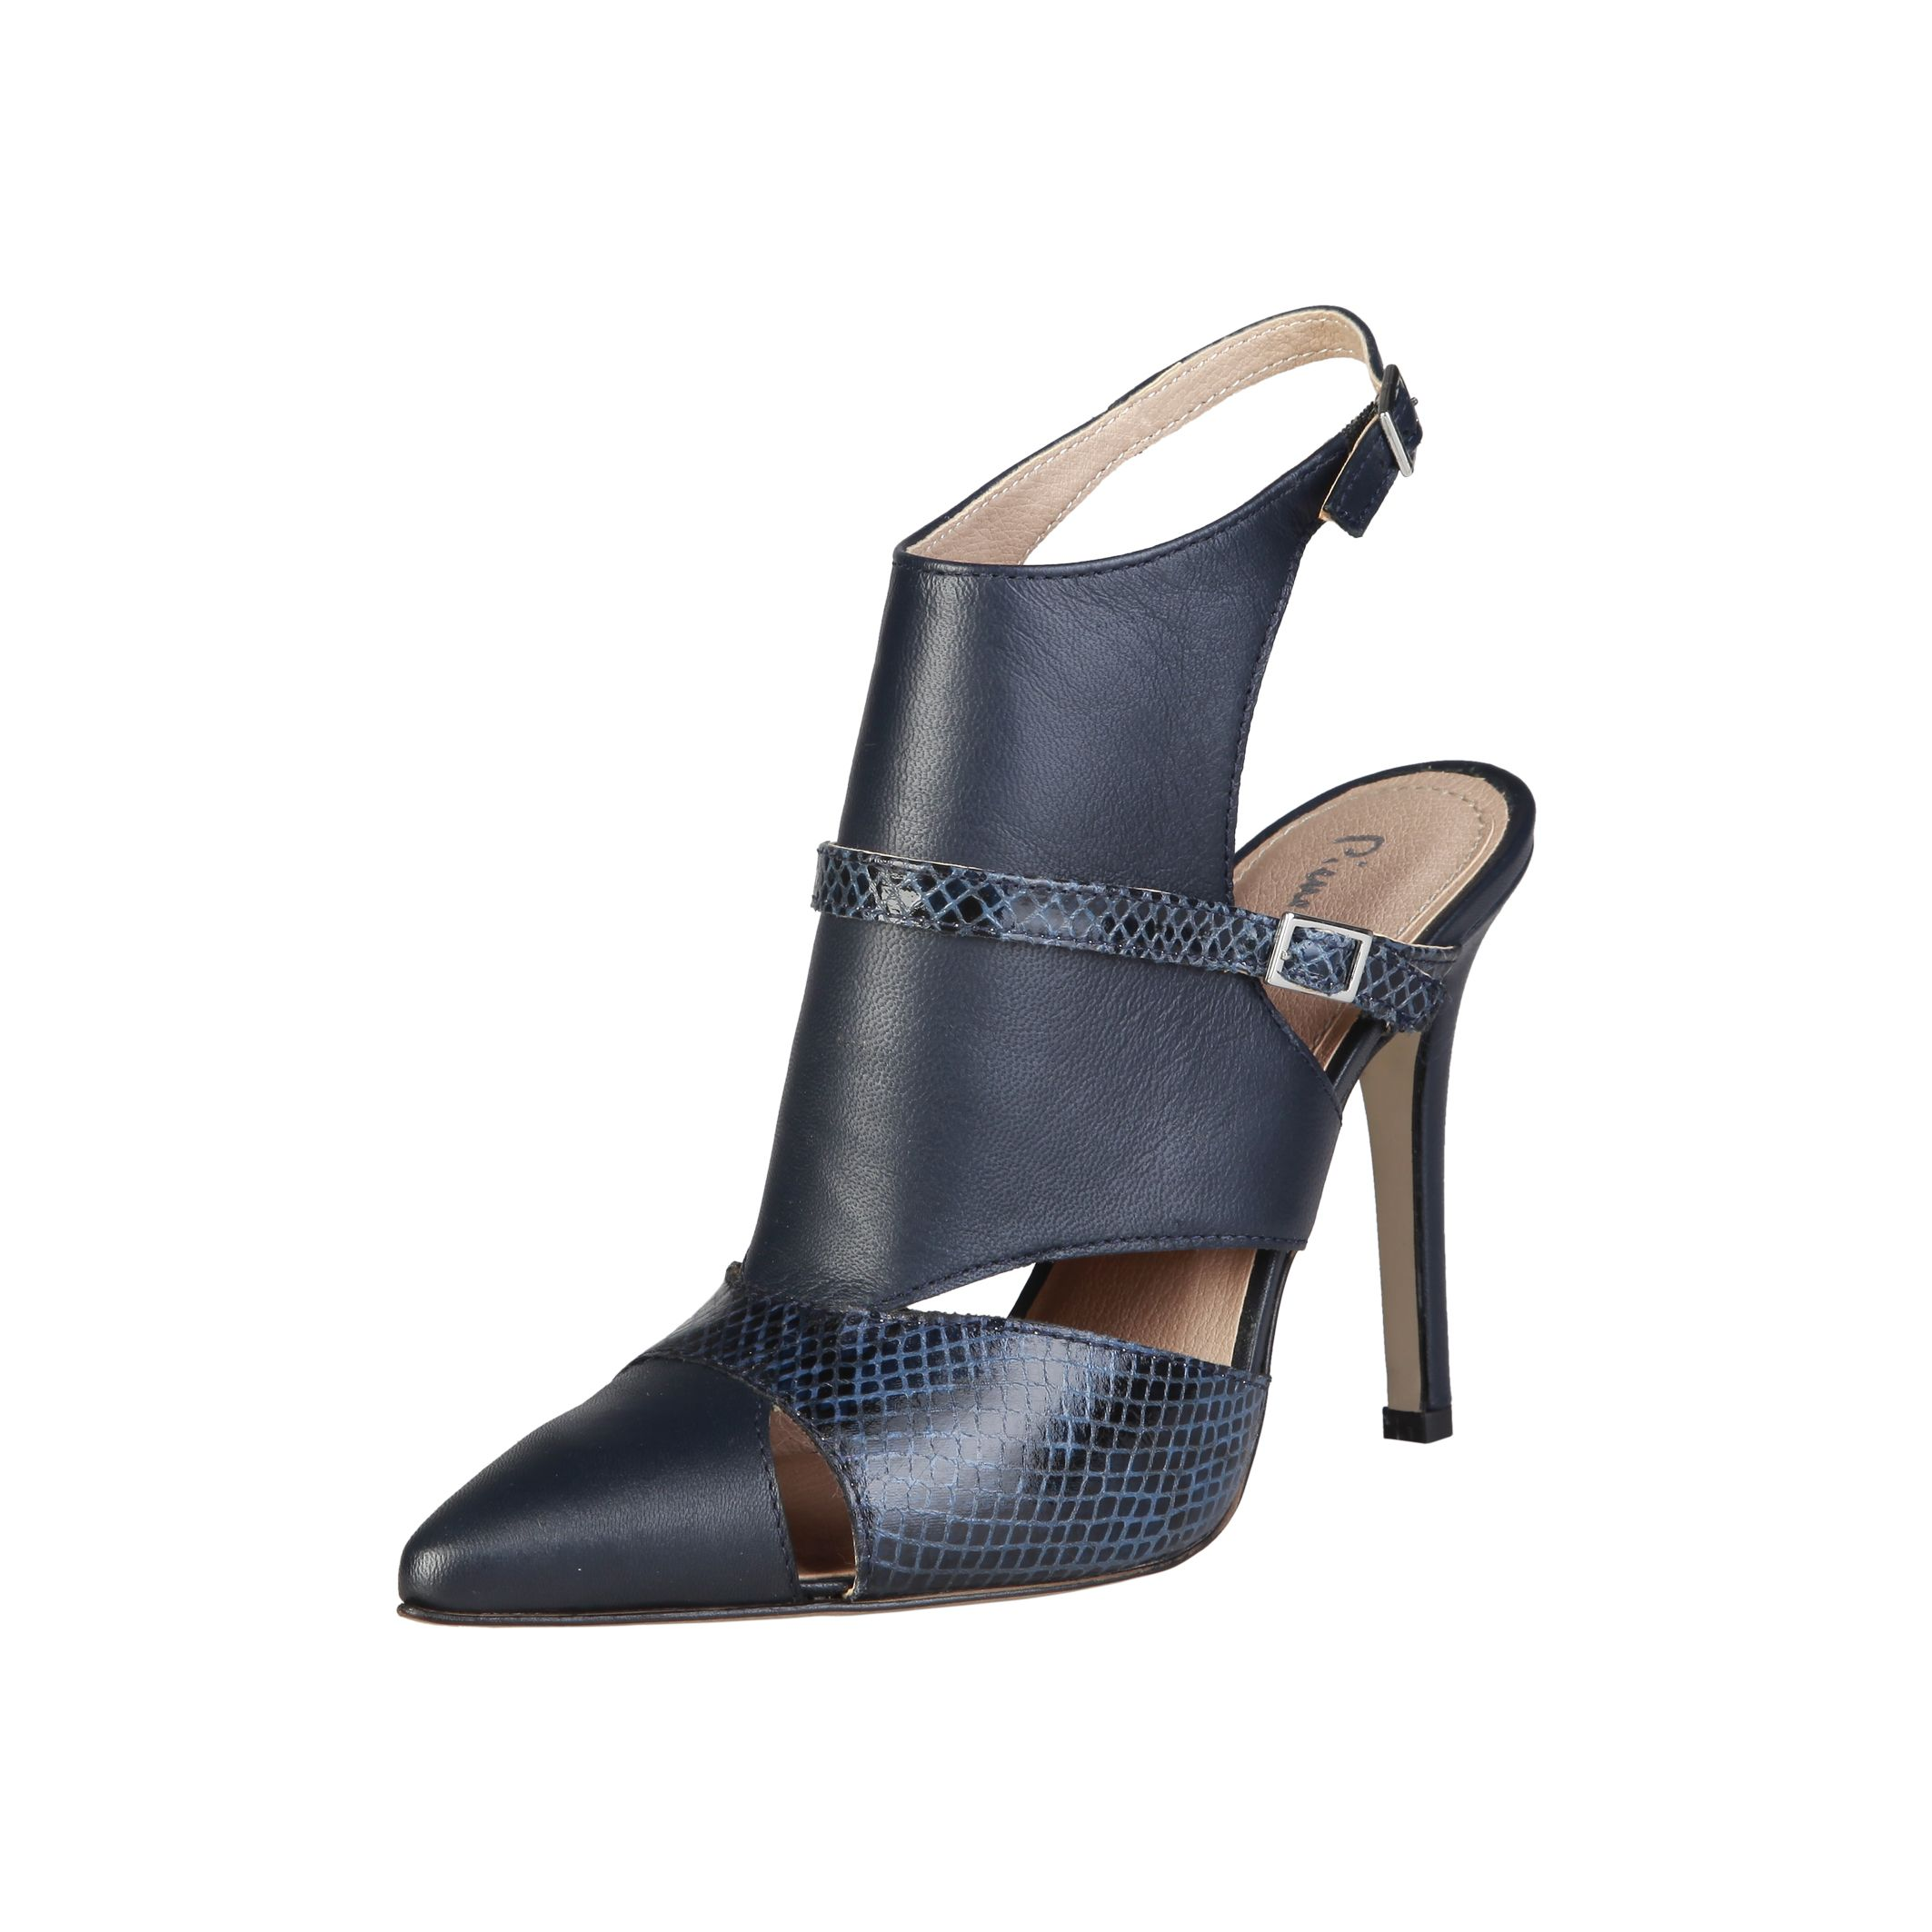 Pierre Cardin Altezza Laetitia scarpe marroni tacco 11cm Donna